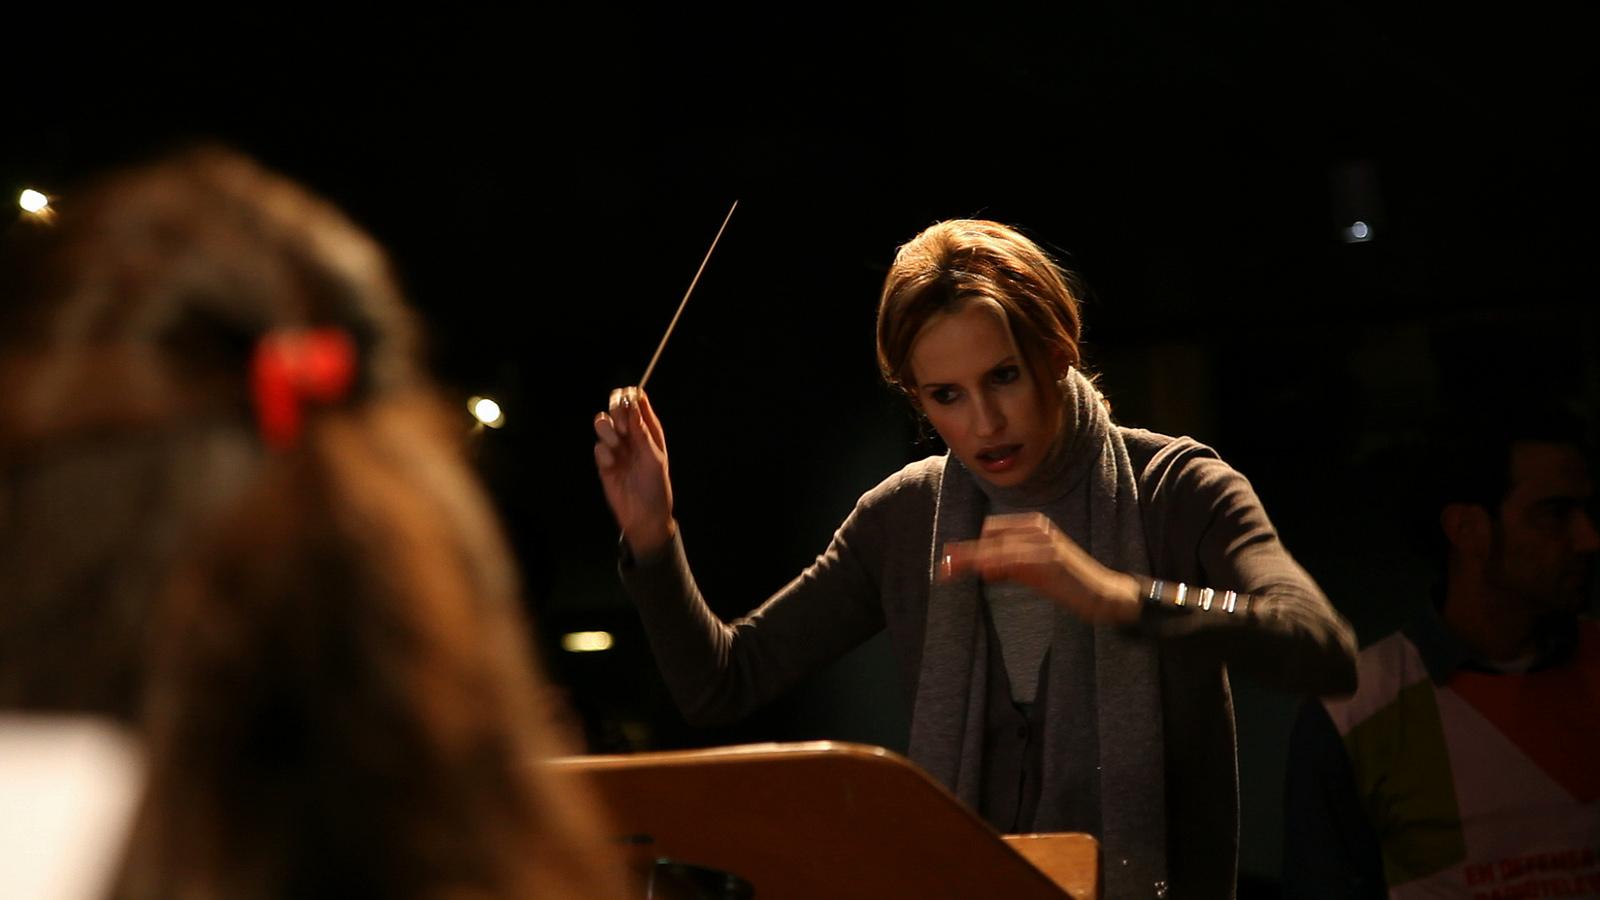 Inma Shara with the Orchestra of San José | © Ayuda en Acción / Flickr